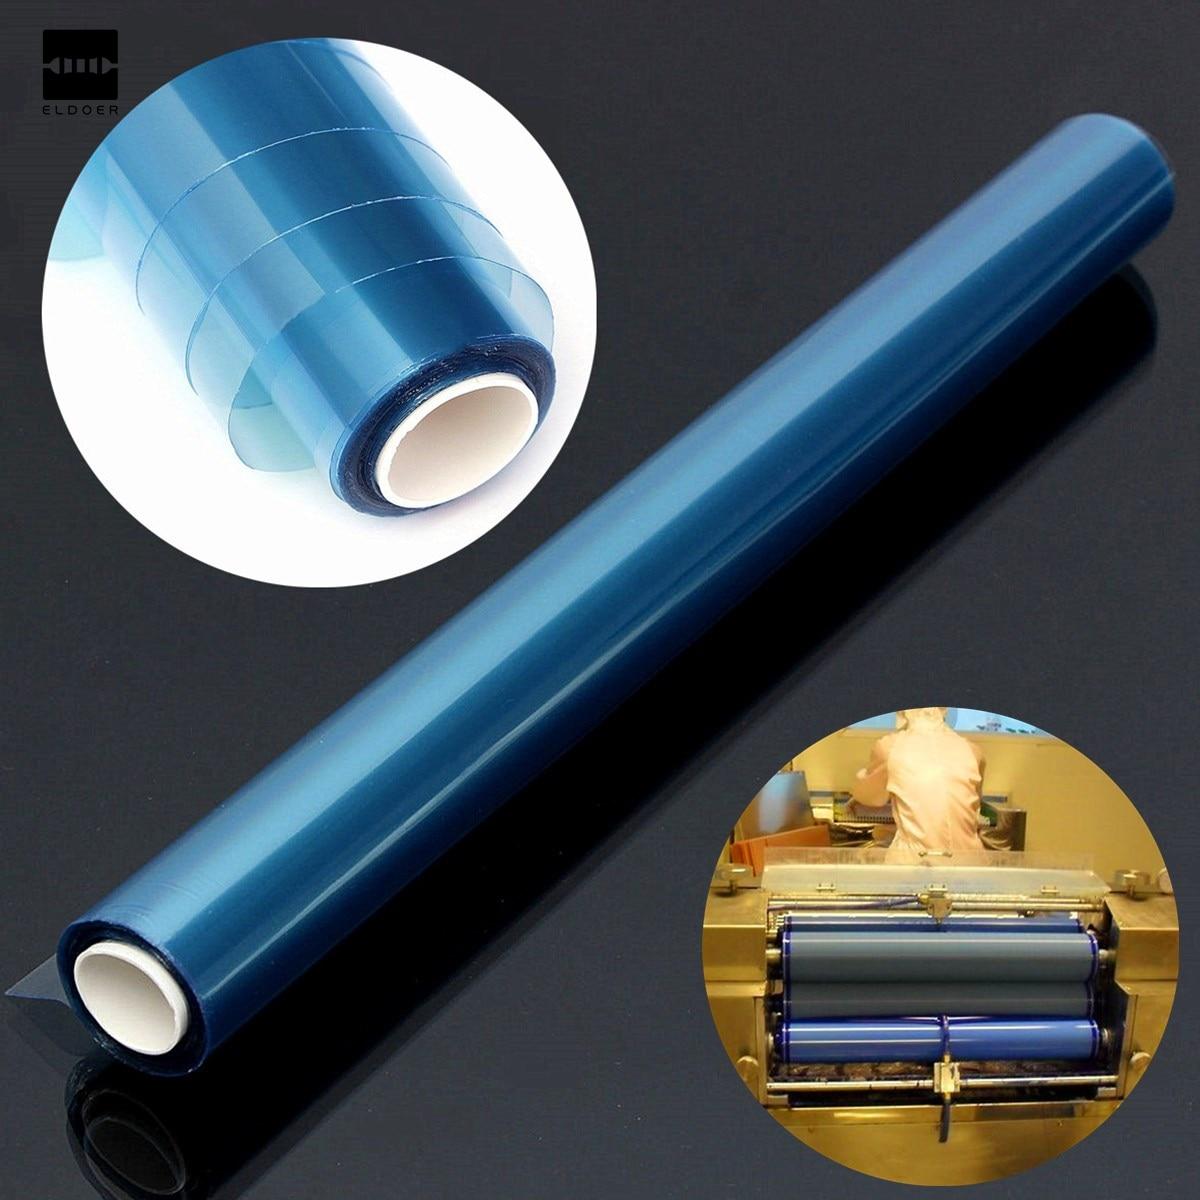 PCB Vendita Calda Portatile Fotosensibile Film Secco per la Produzione di Circuiti Photoresist Sheets 30 cm x 5 m Componenti Elettronici